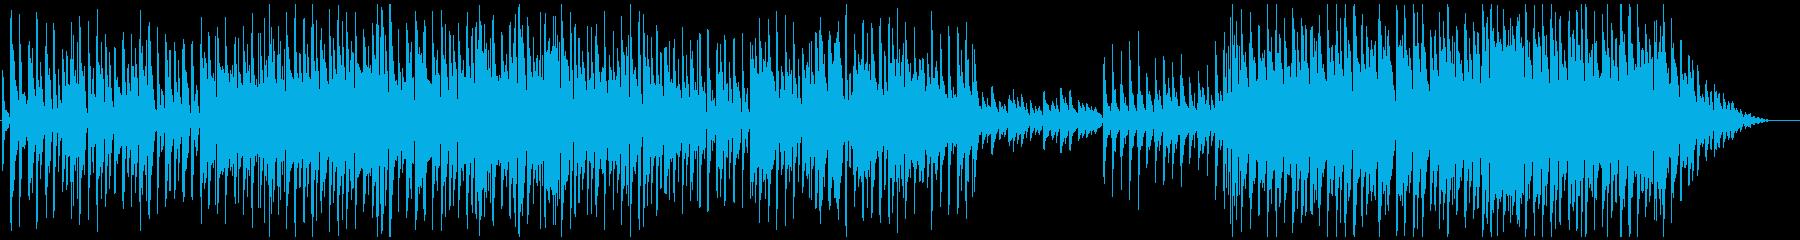 ミディアプテンポせつなピアノメロ曲の再生済みの波形